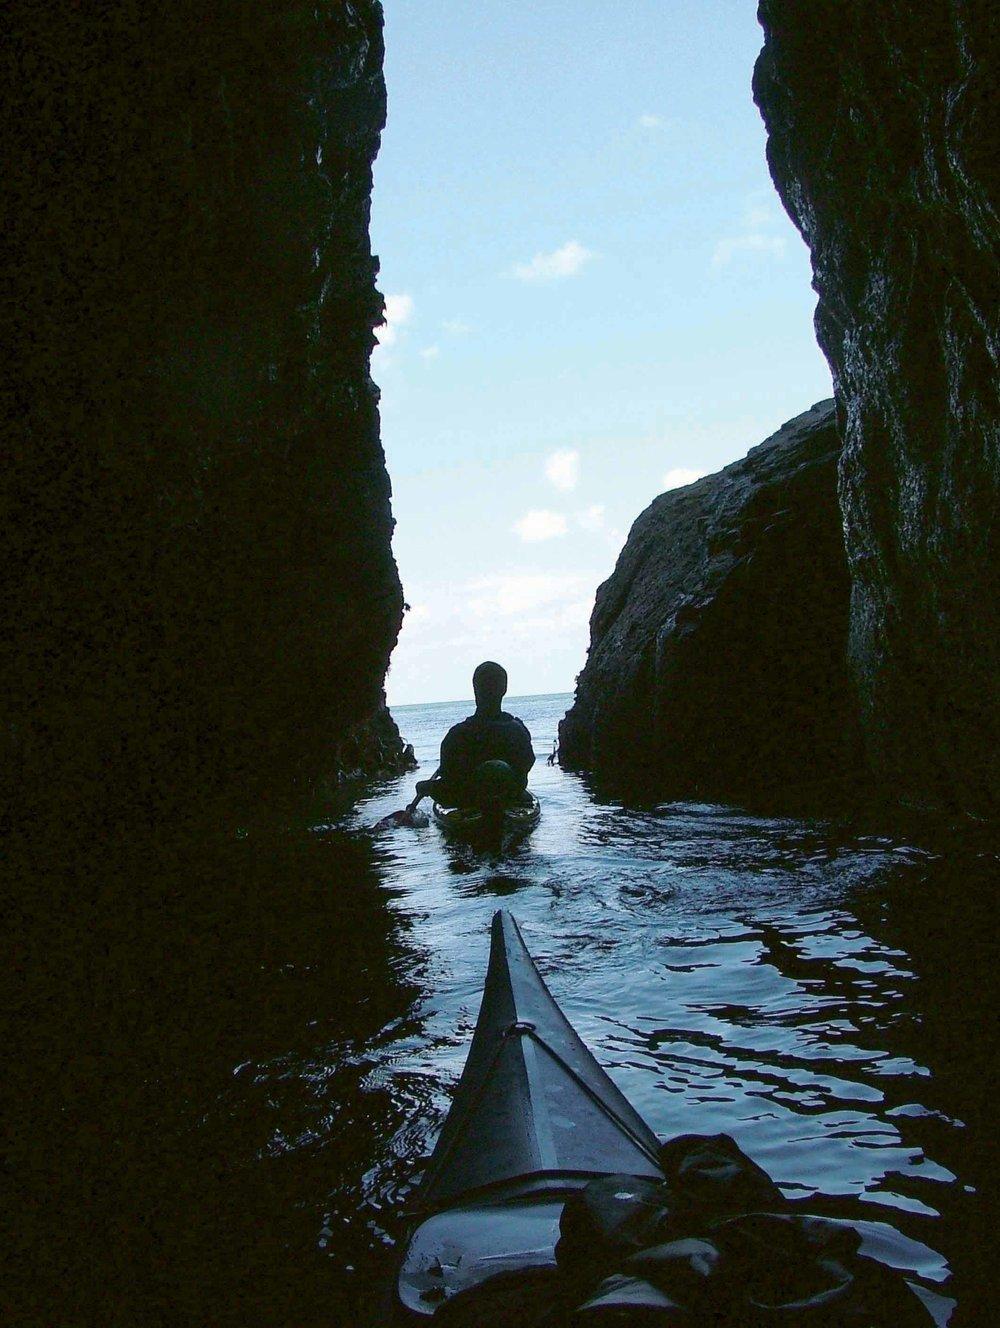 kayak3_s.jpg